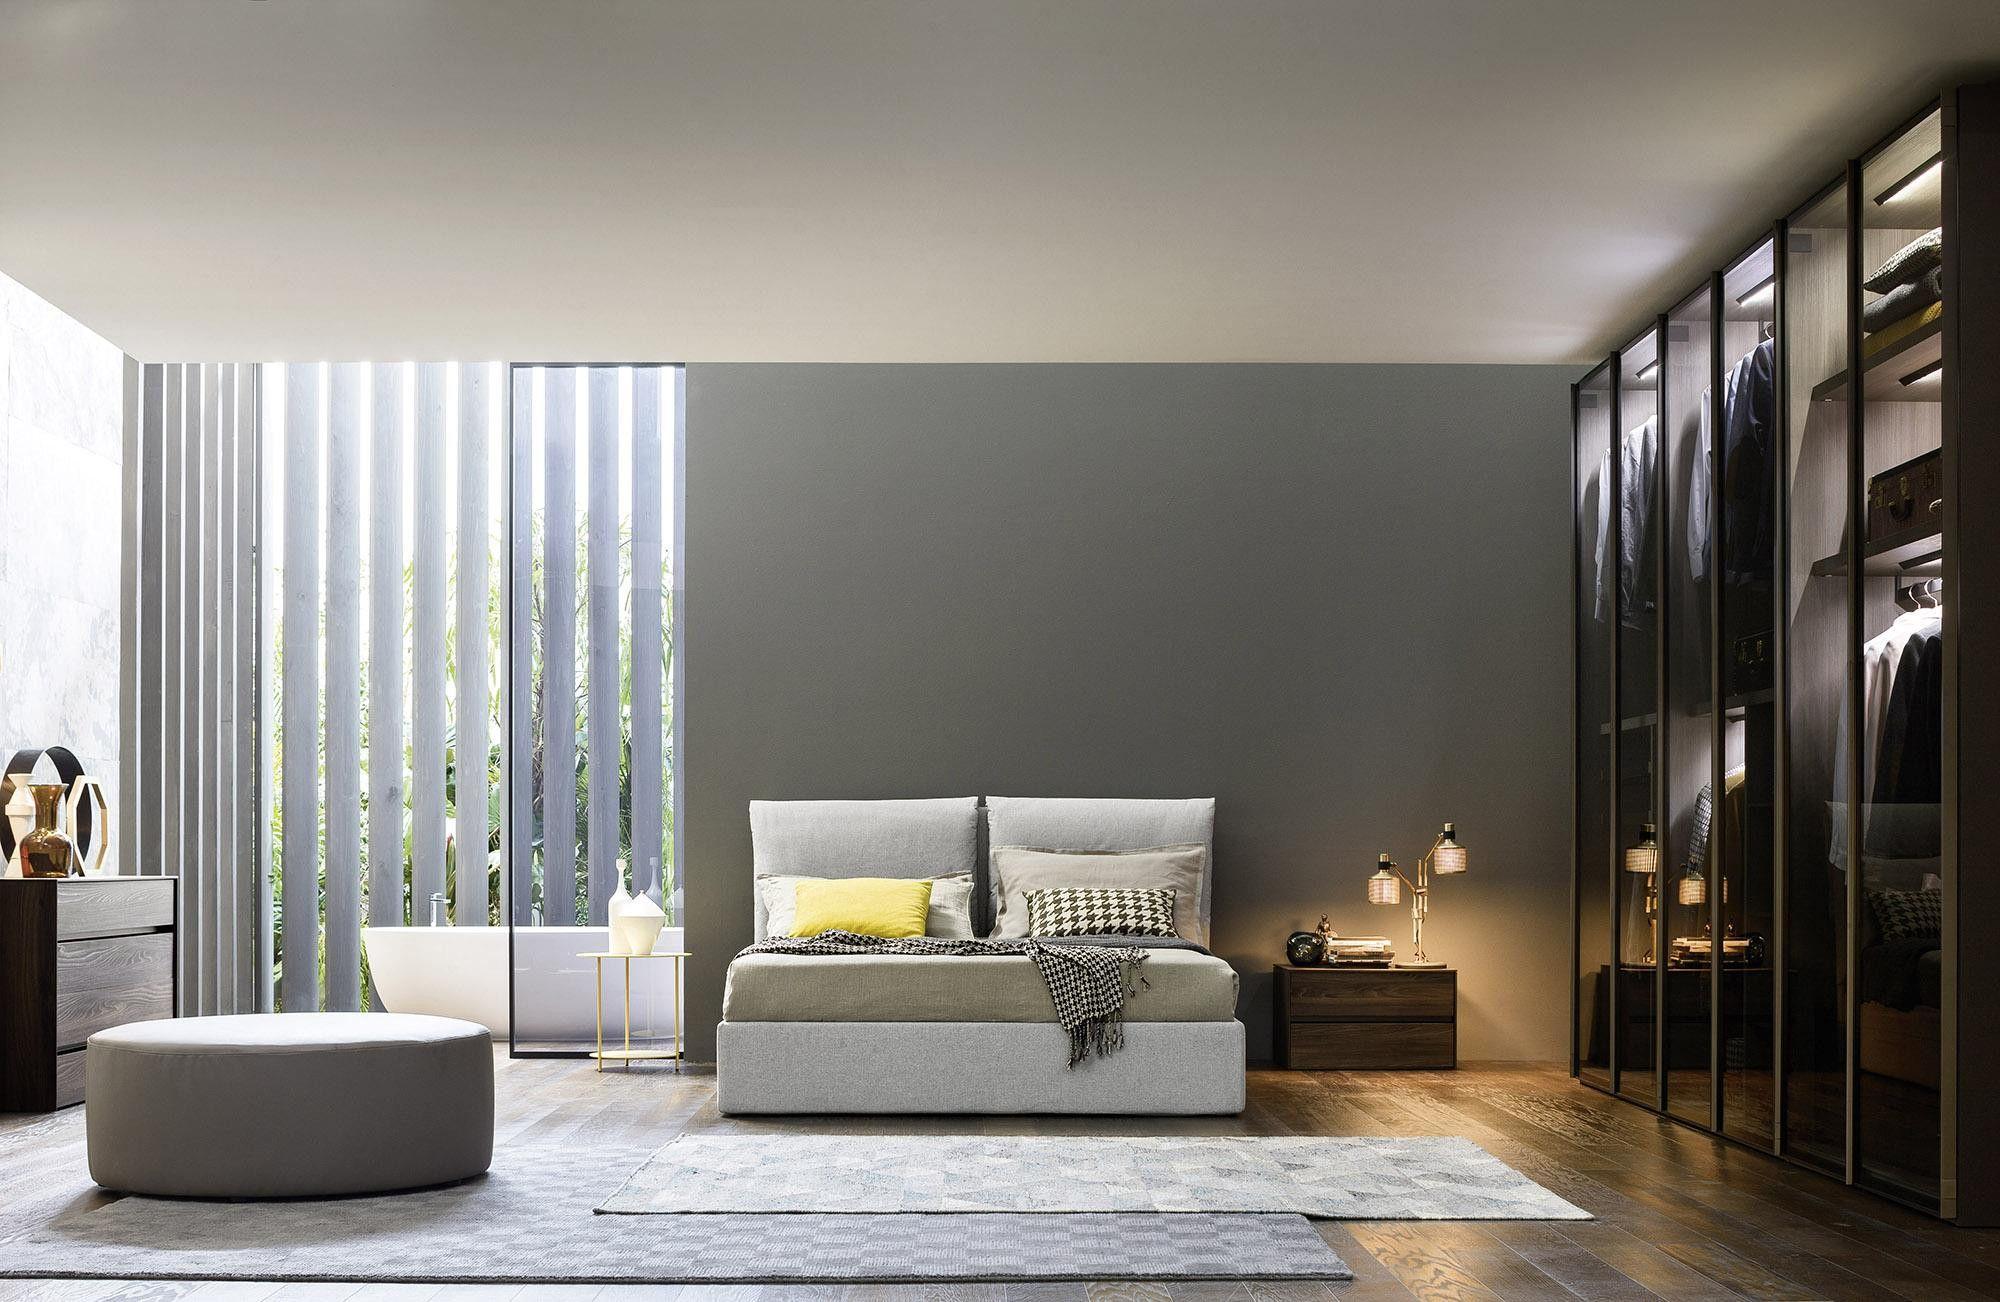 modernes schlafzimmer design glastueren kleiderschrank bett